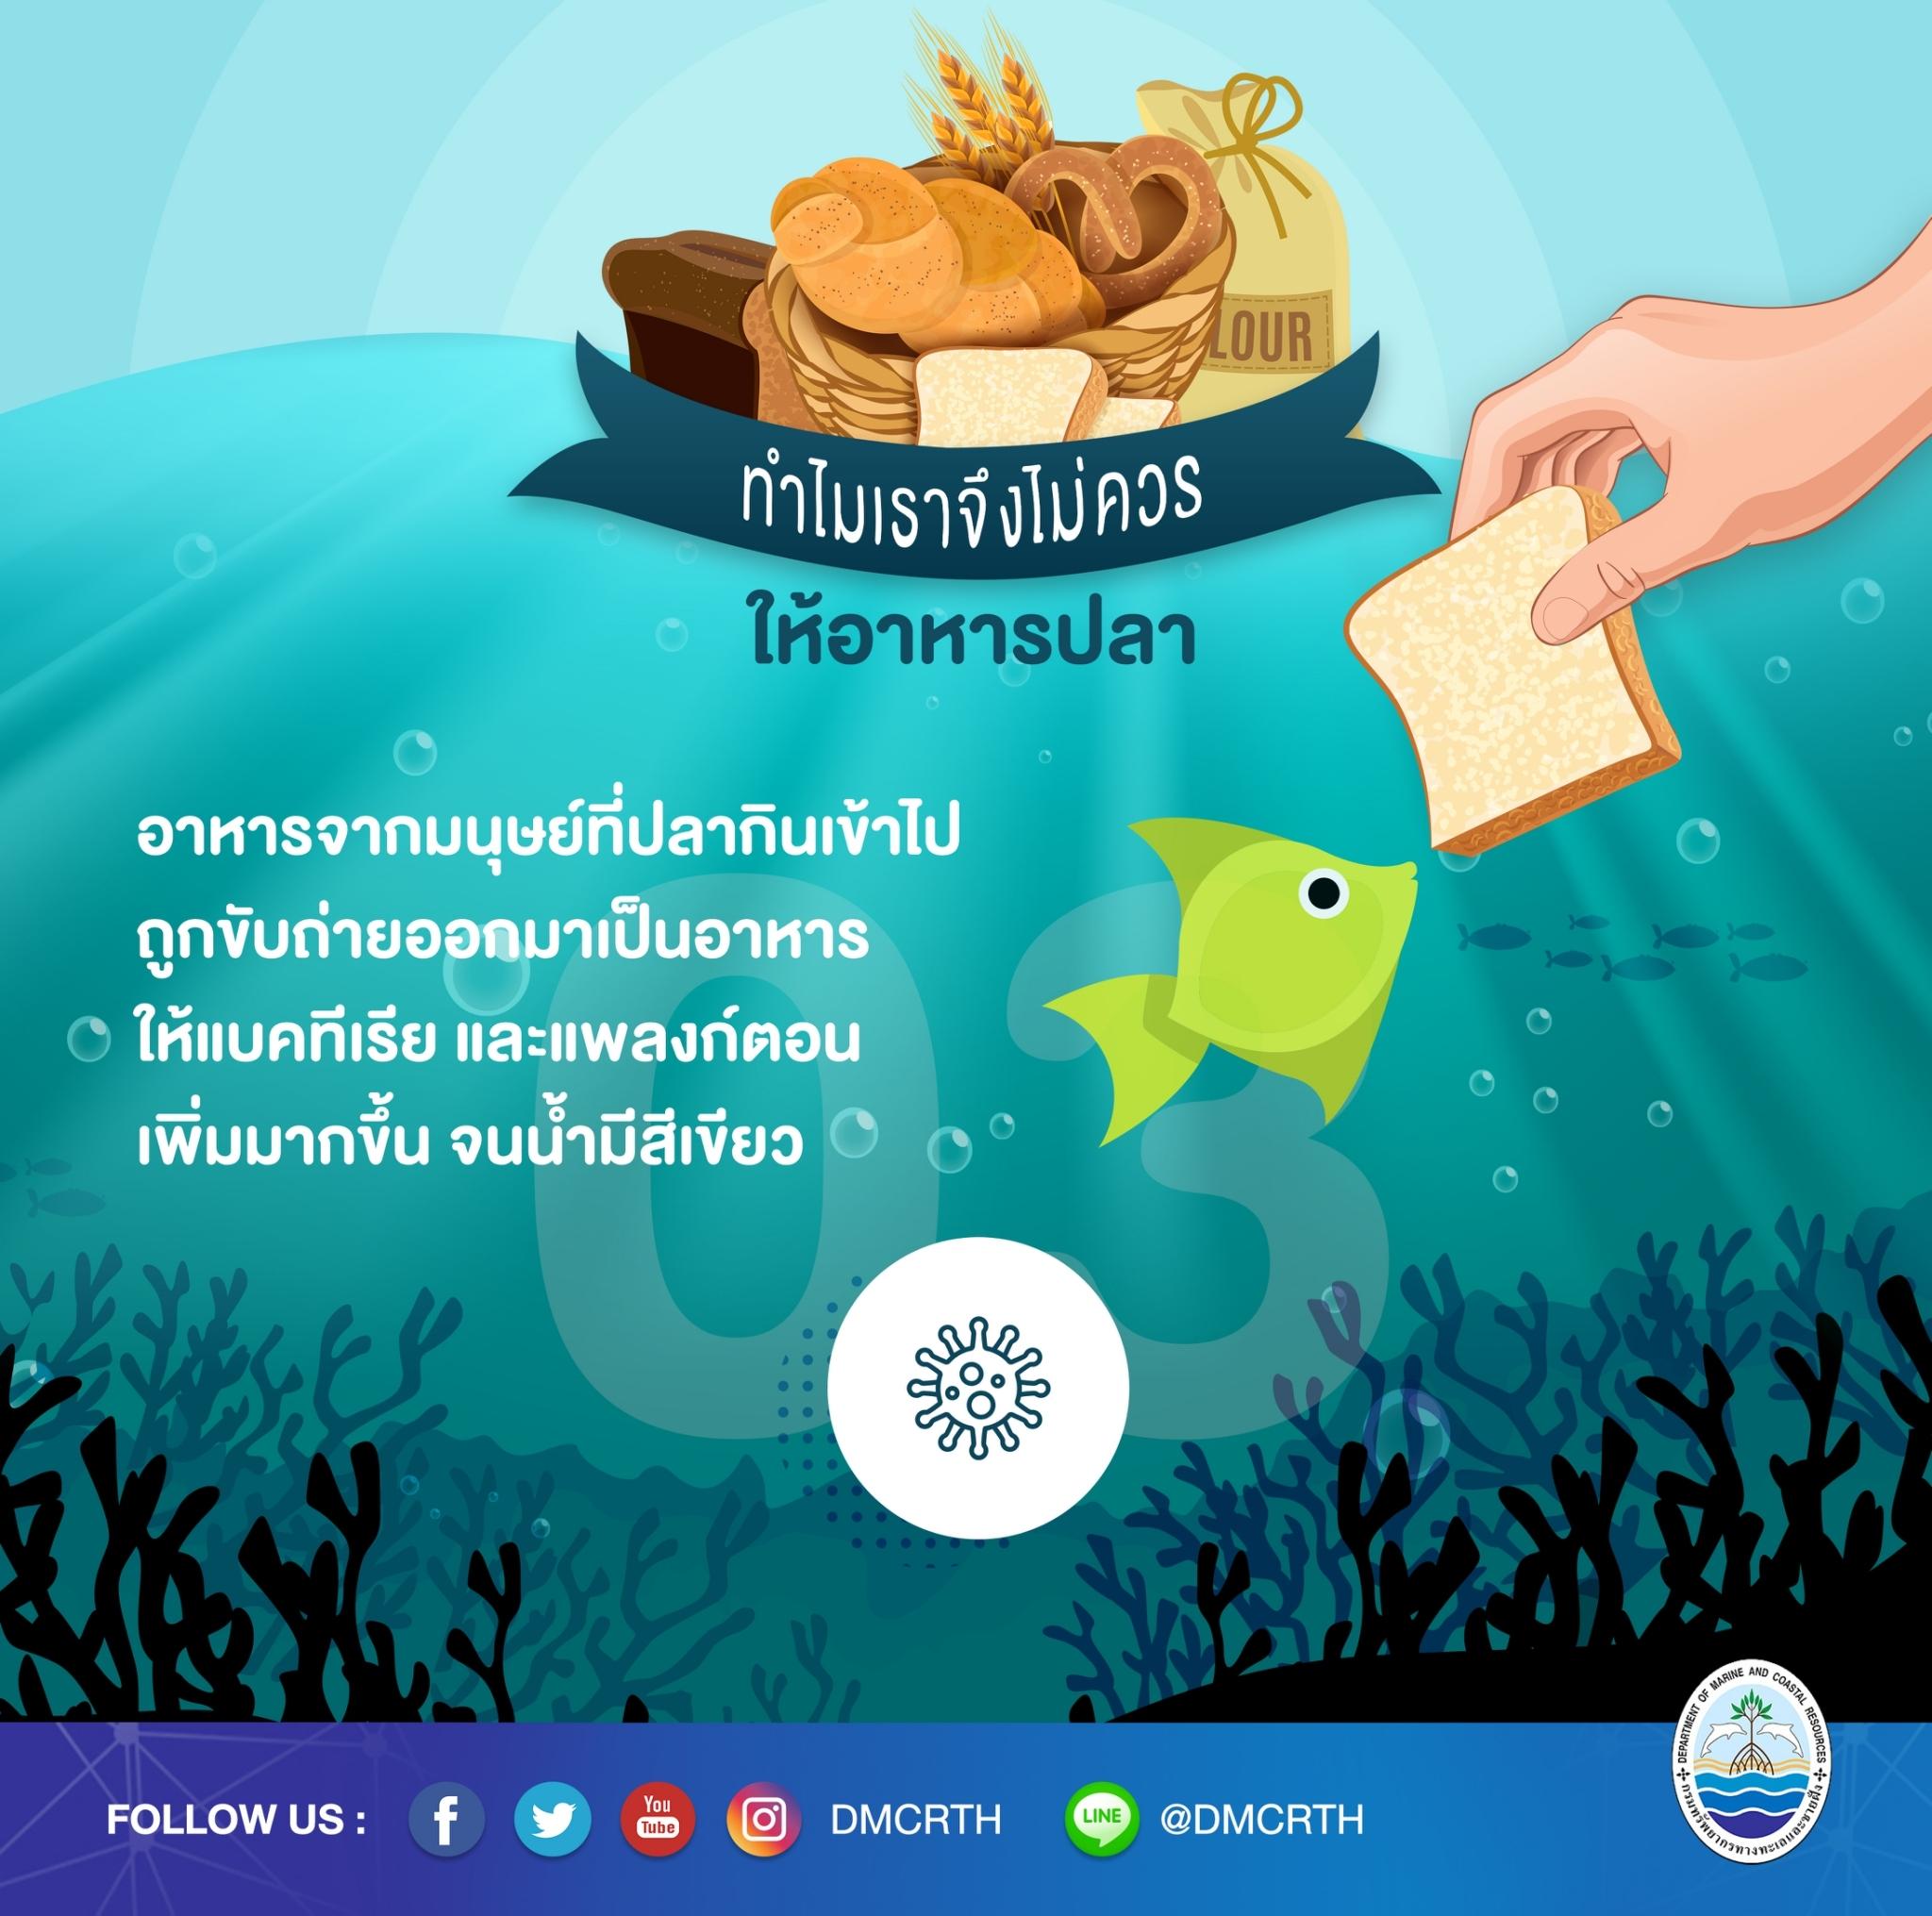 ทำไมจึงควรหยุดให้อาหารปลาในแนวปะการัง ตอนที่๓